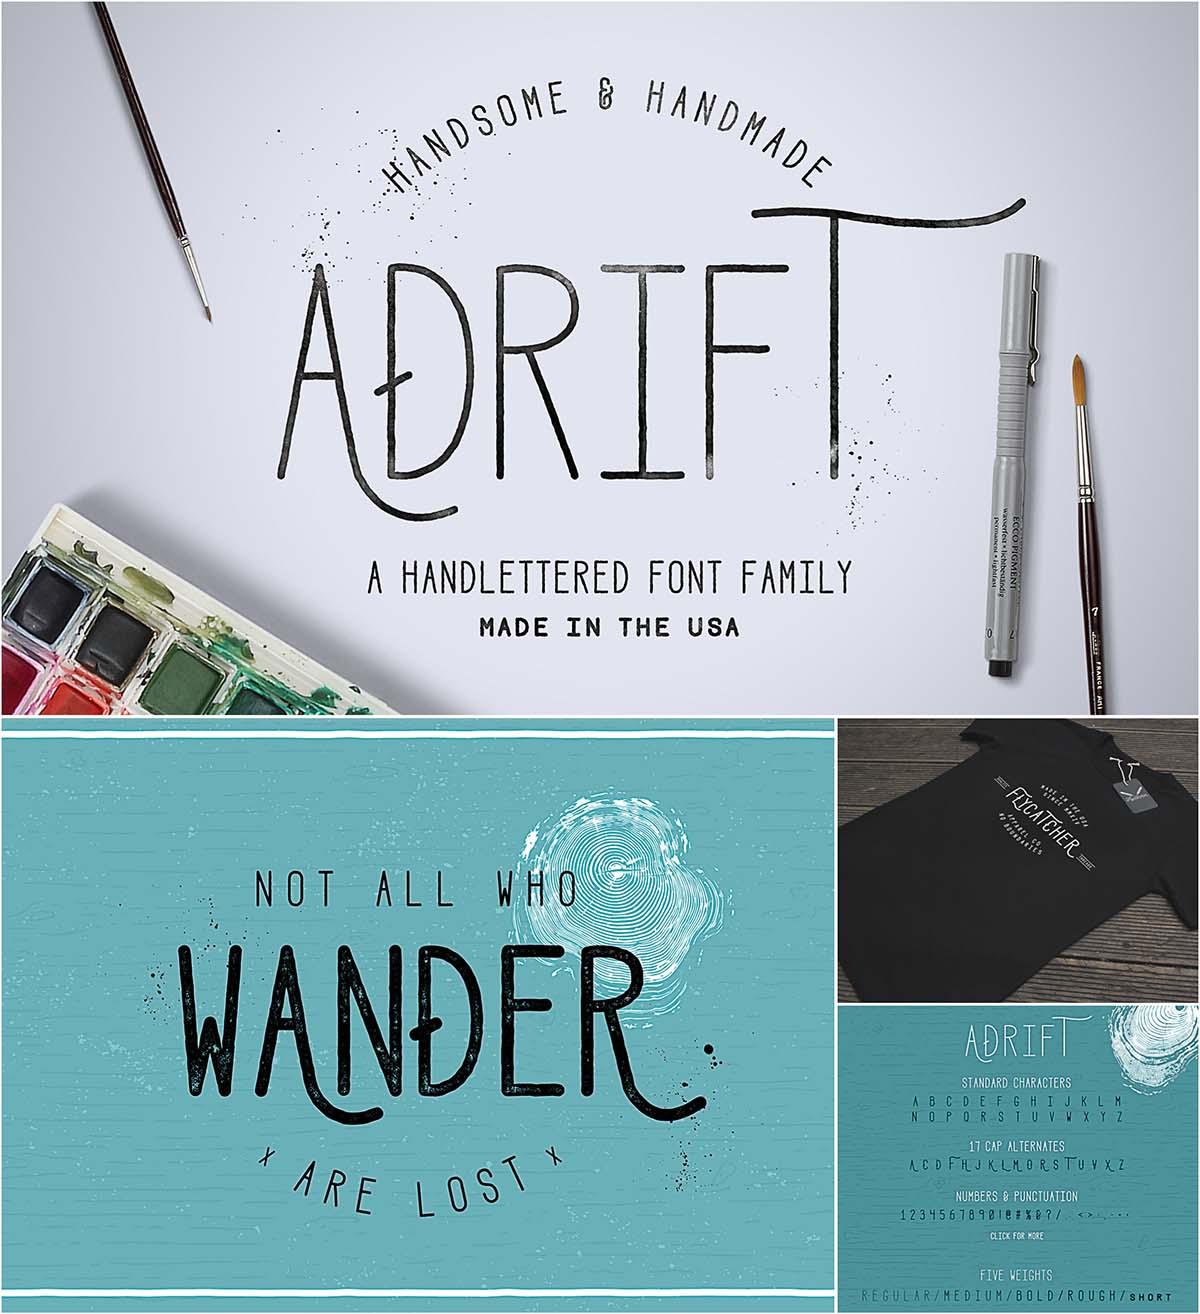 Adrift sans serif font family